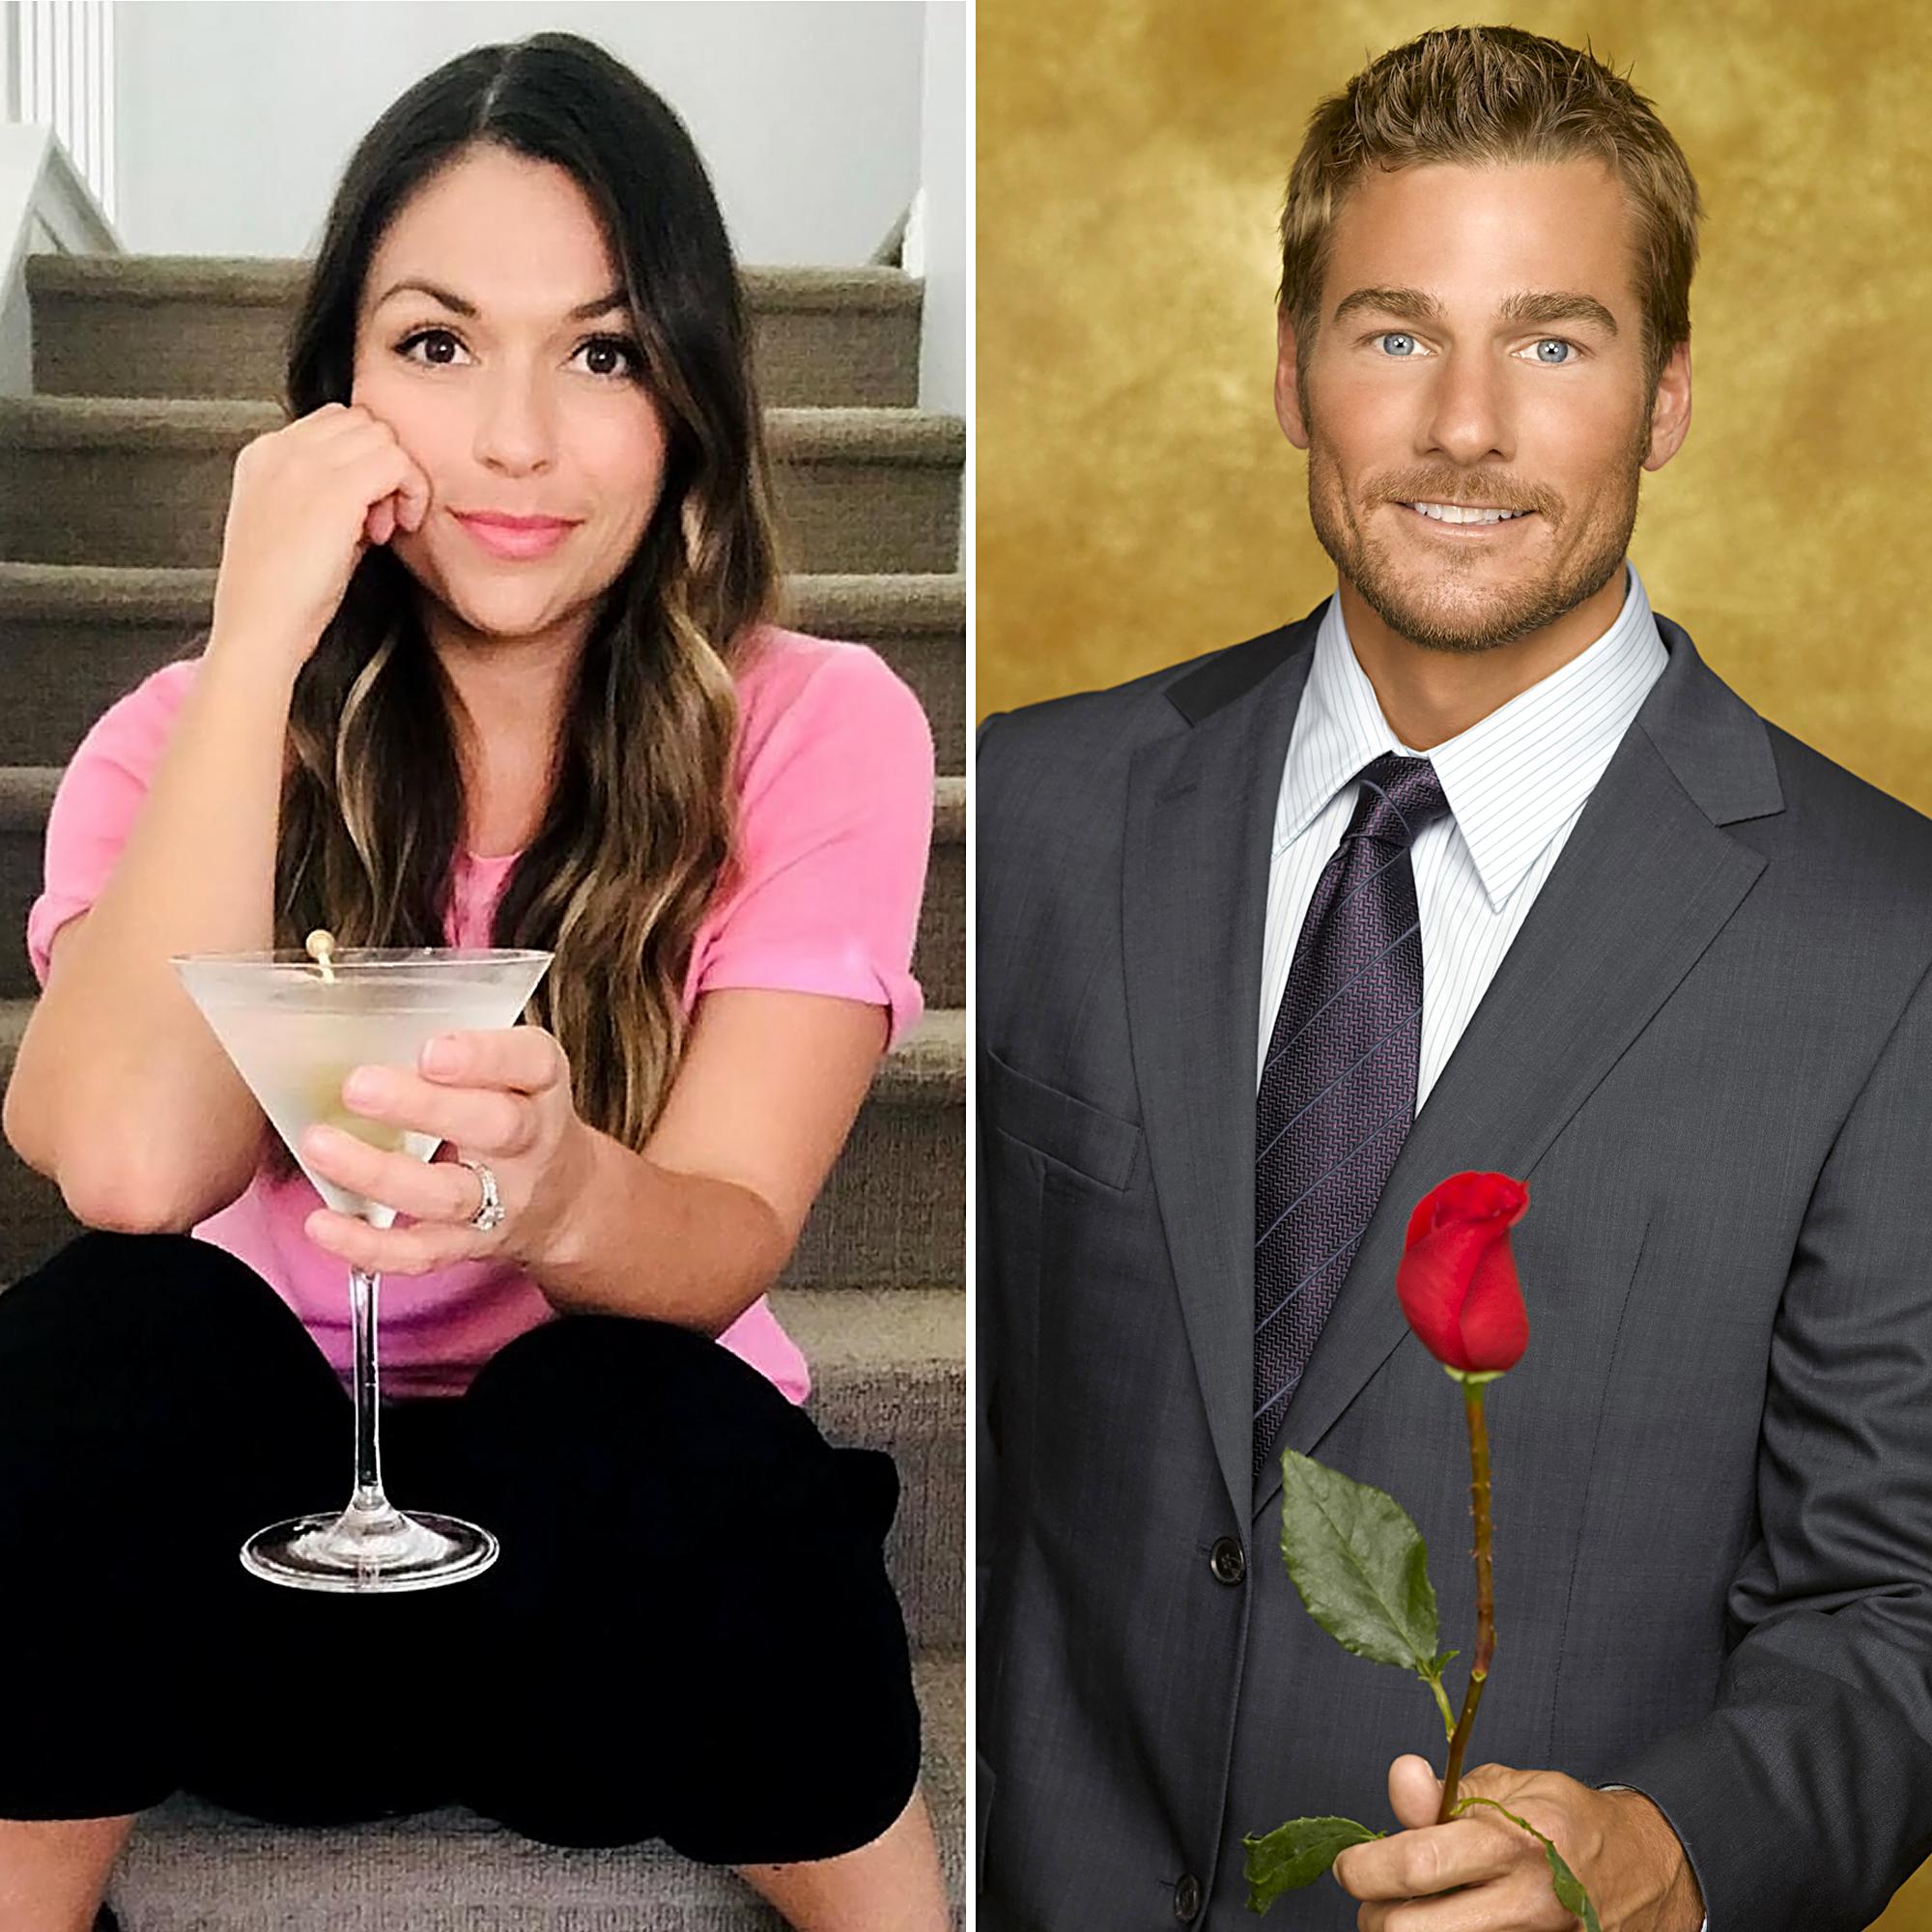 Bachelor Podcast Deanna Pappas Reflects On Brad Womack Split